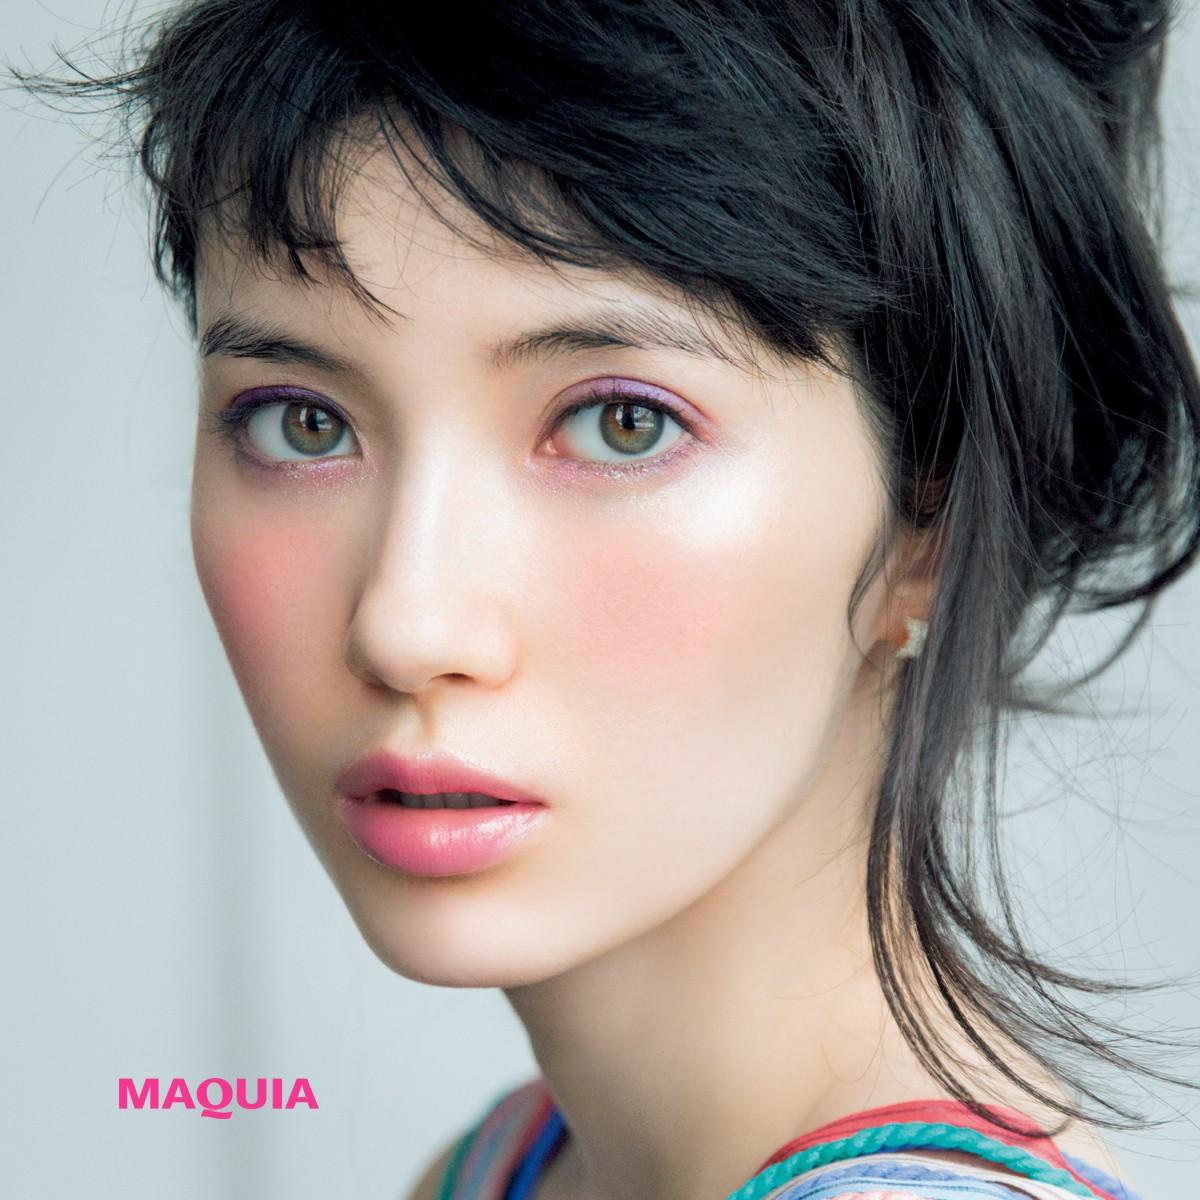 市川紗椰の目ジカラにドキッ♡ パープルメイクでカジュアルに色っぽく♡